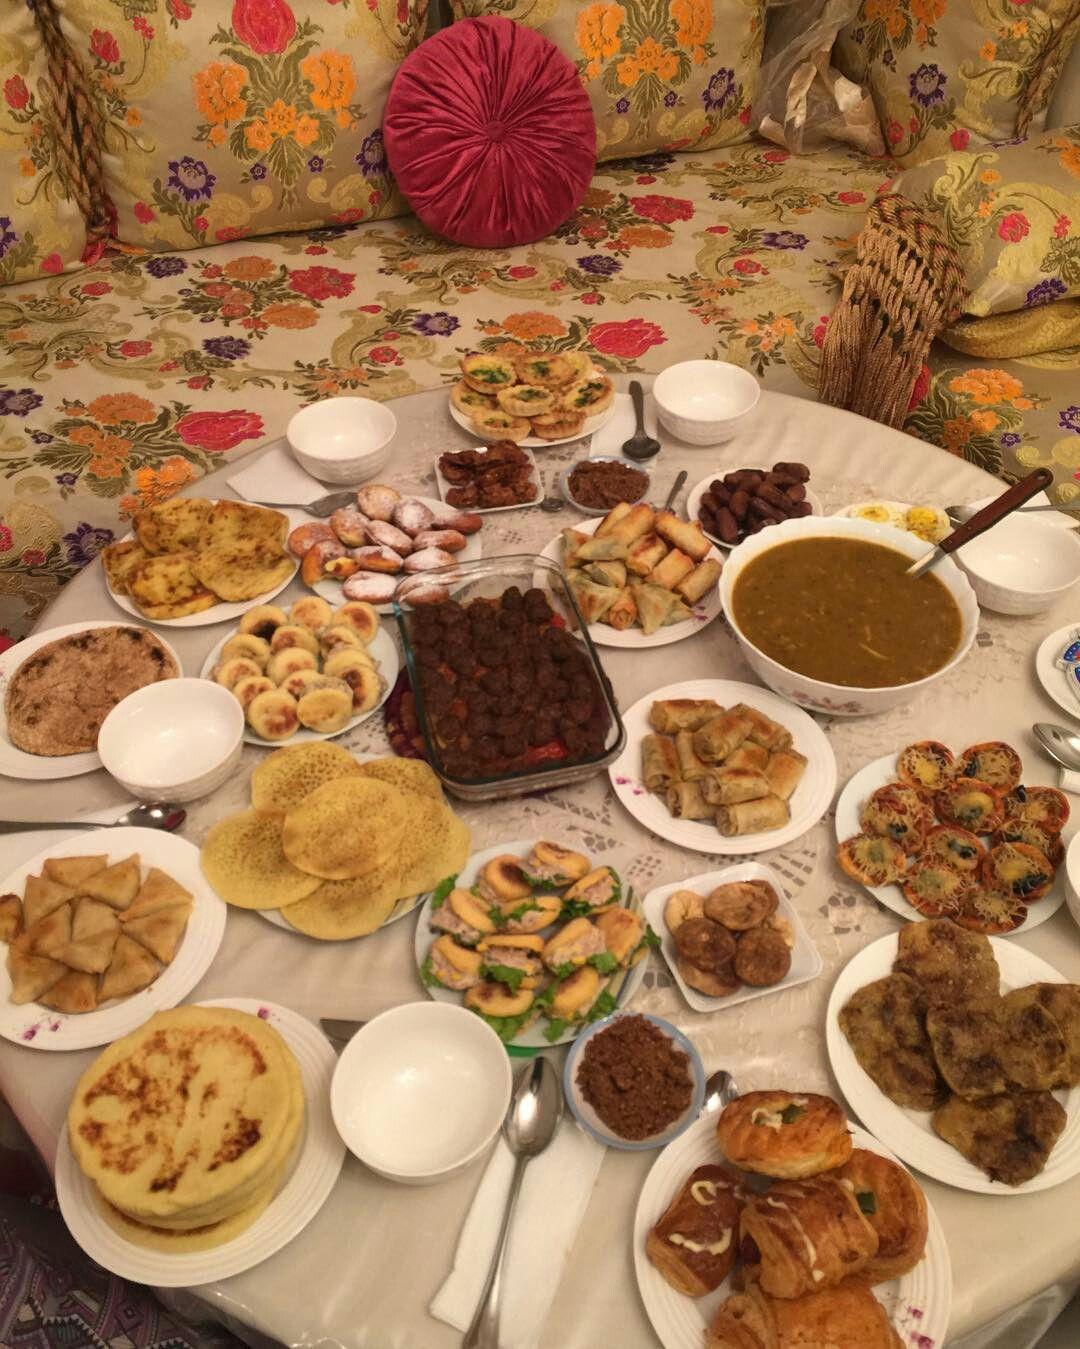 Table De Ftour Ramadan Au Maroc Hello Moroco Pinterest Ramadan